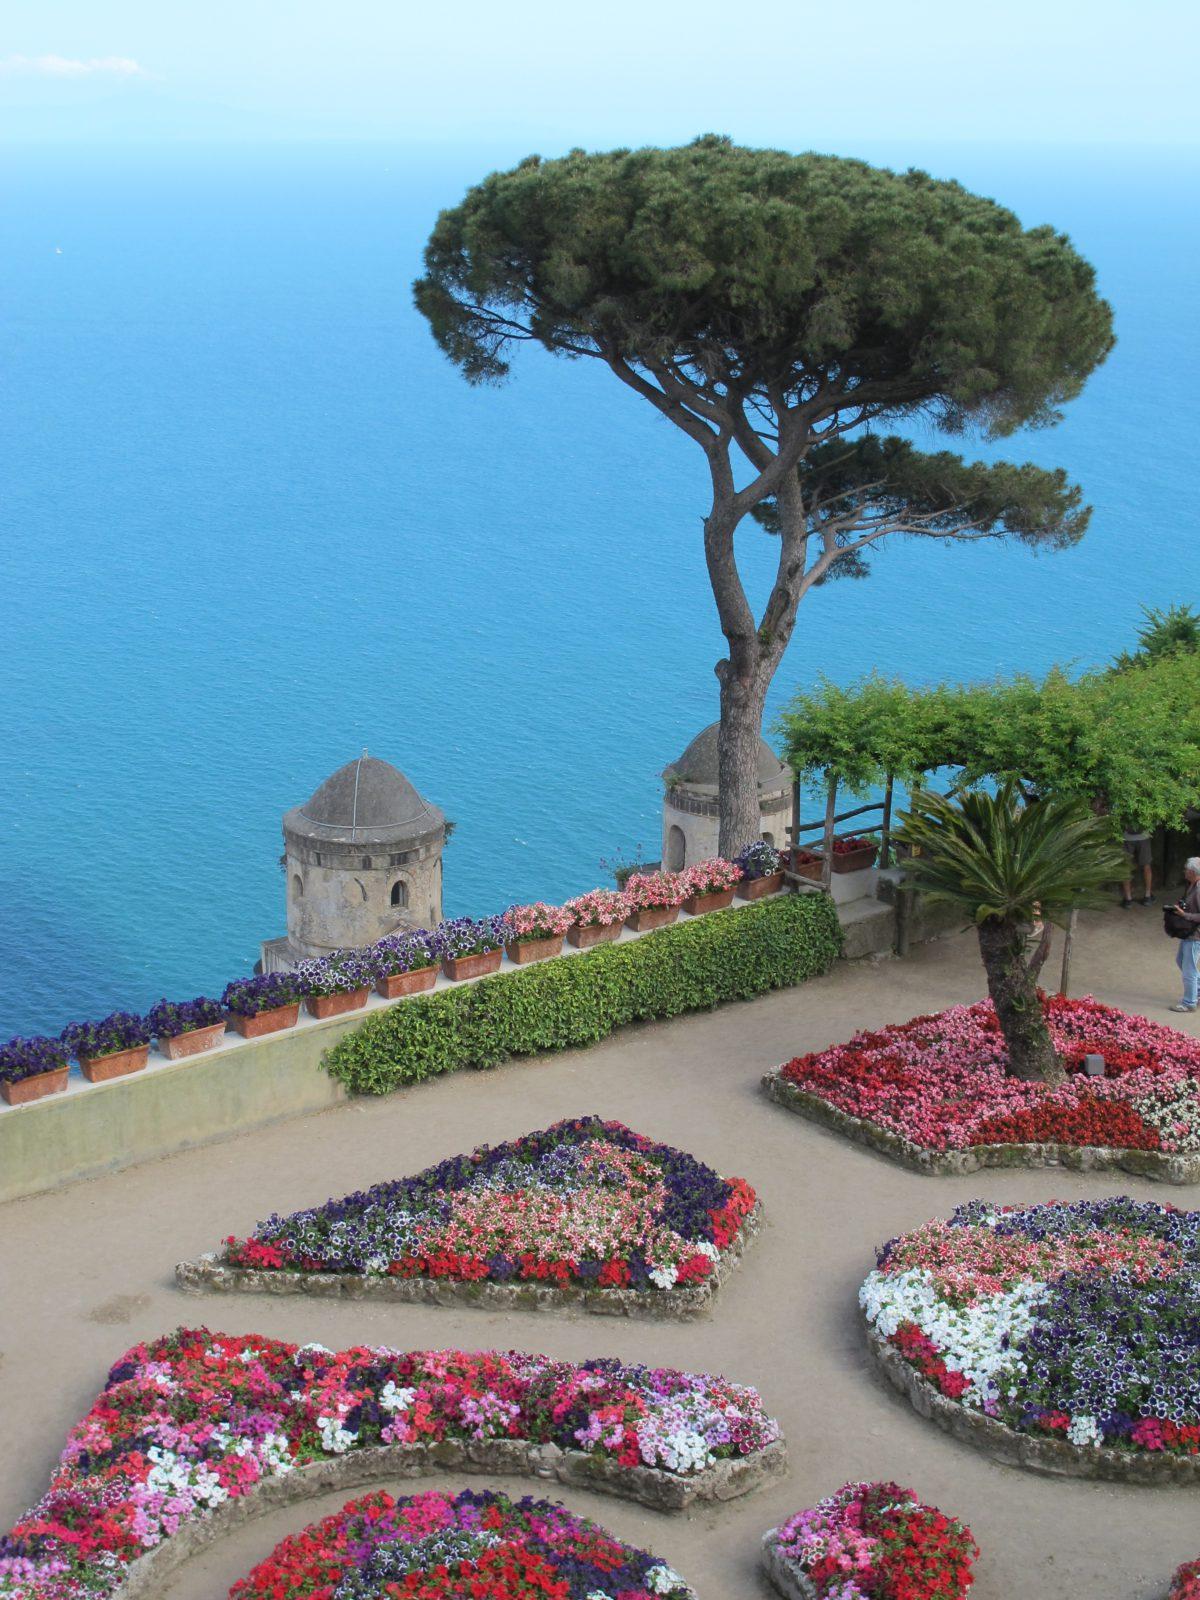 Capri pokryta bujną roślinnością śródziemnomorską tworzy niezwykły krajobraz, uwieczniony w licznych piosenkach i dziełach sztuki